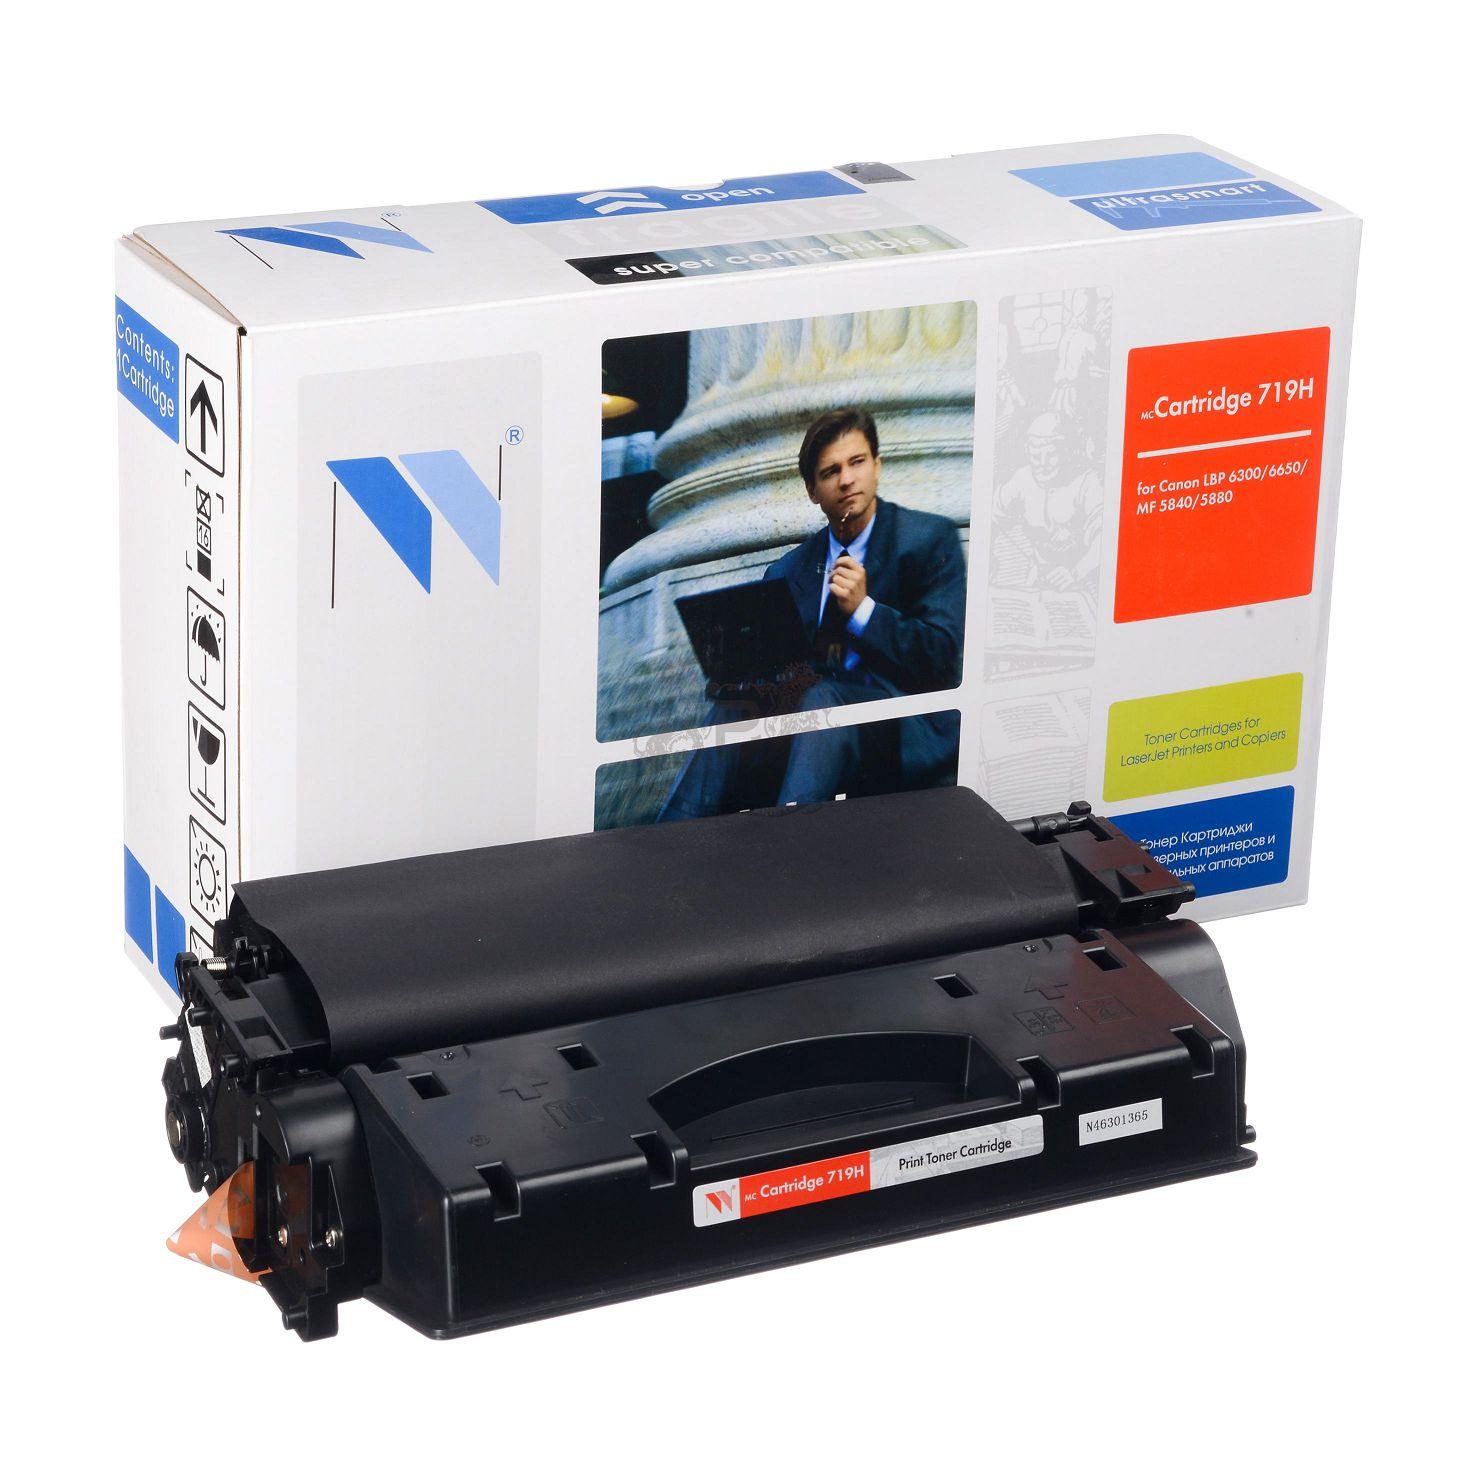 Canon 719H для LBP 6300dn/6650dn/MF5840dn/5880dn (6400стр)